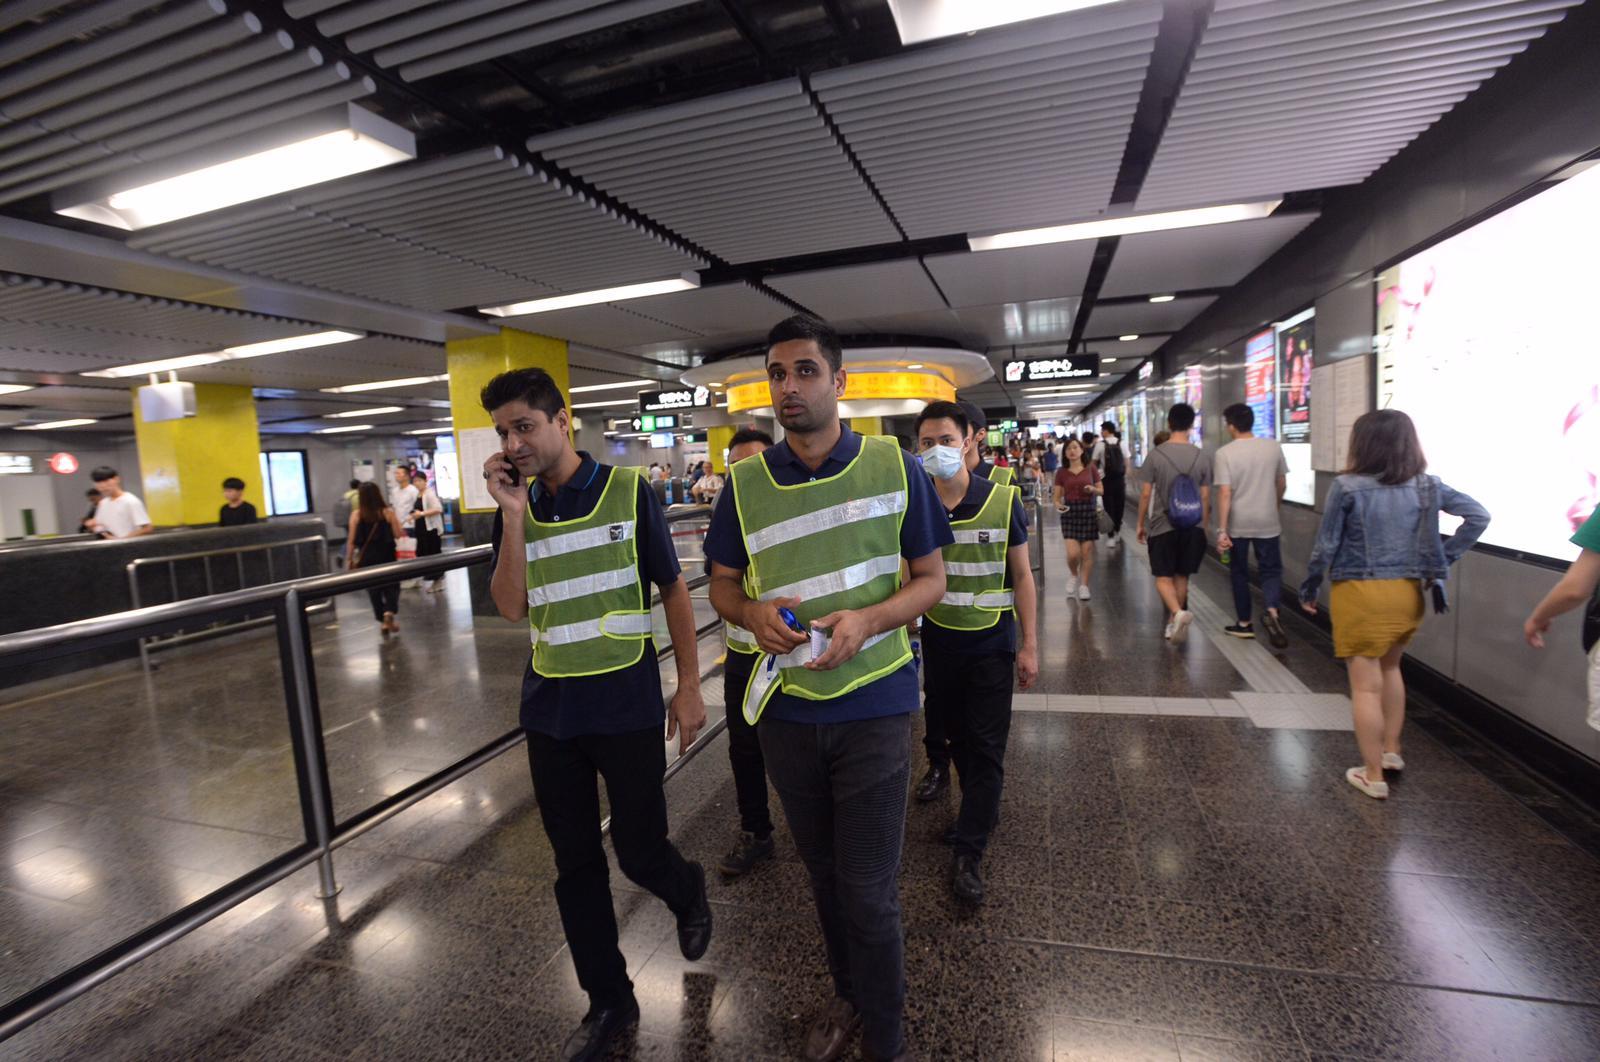 據了解,港鐵正研究是否需要為保安員,配備隨身錄影機。